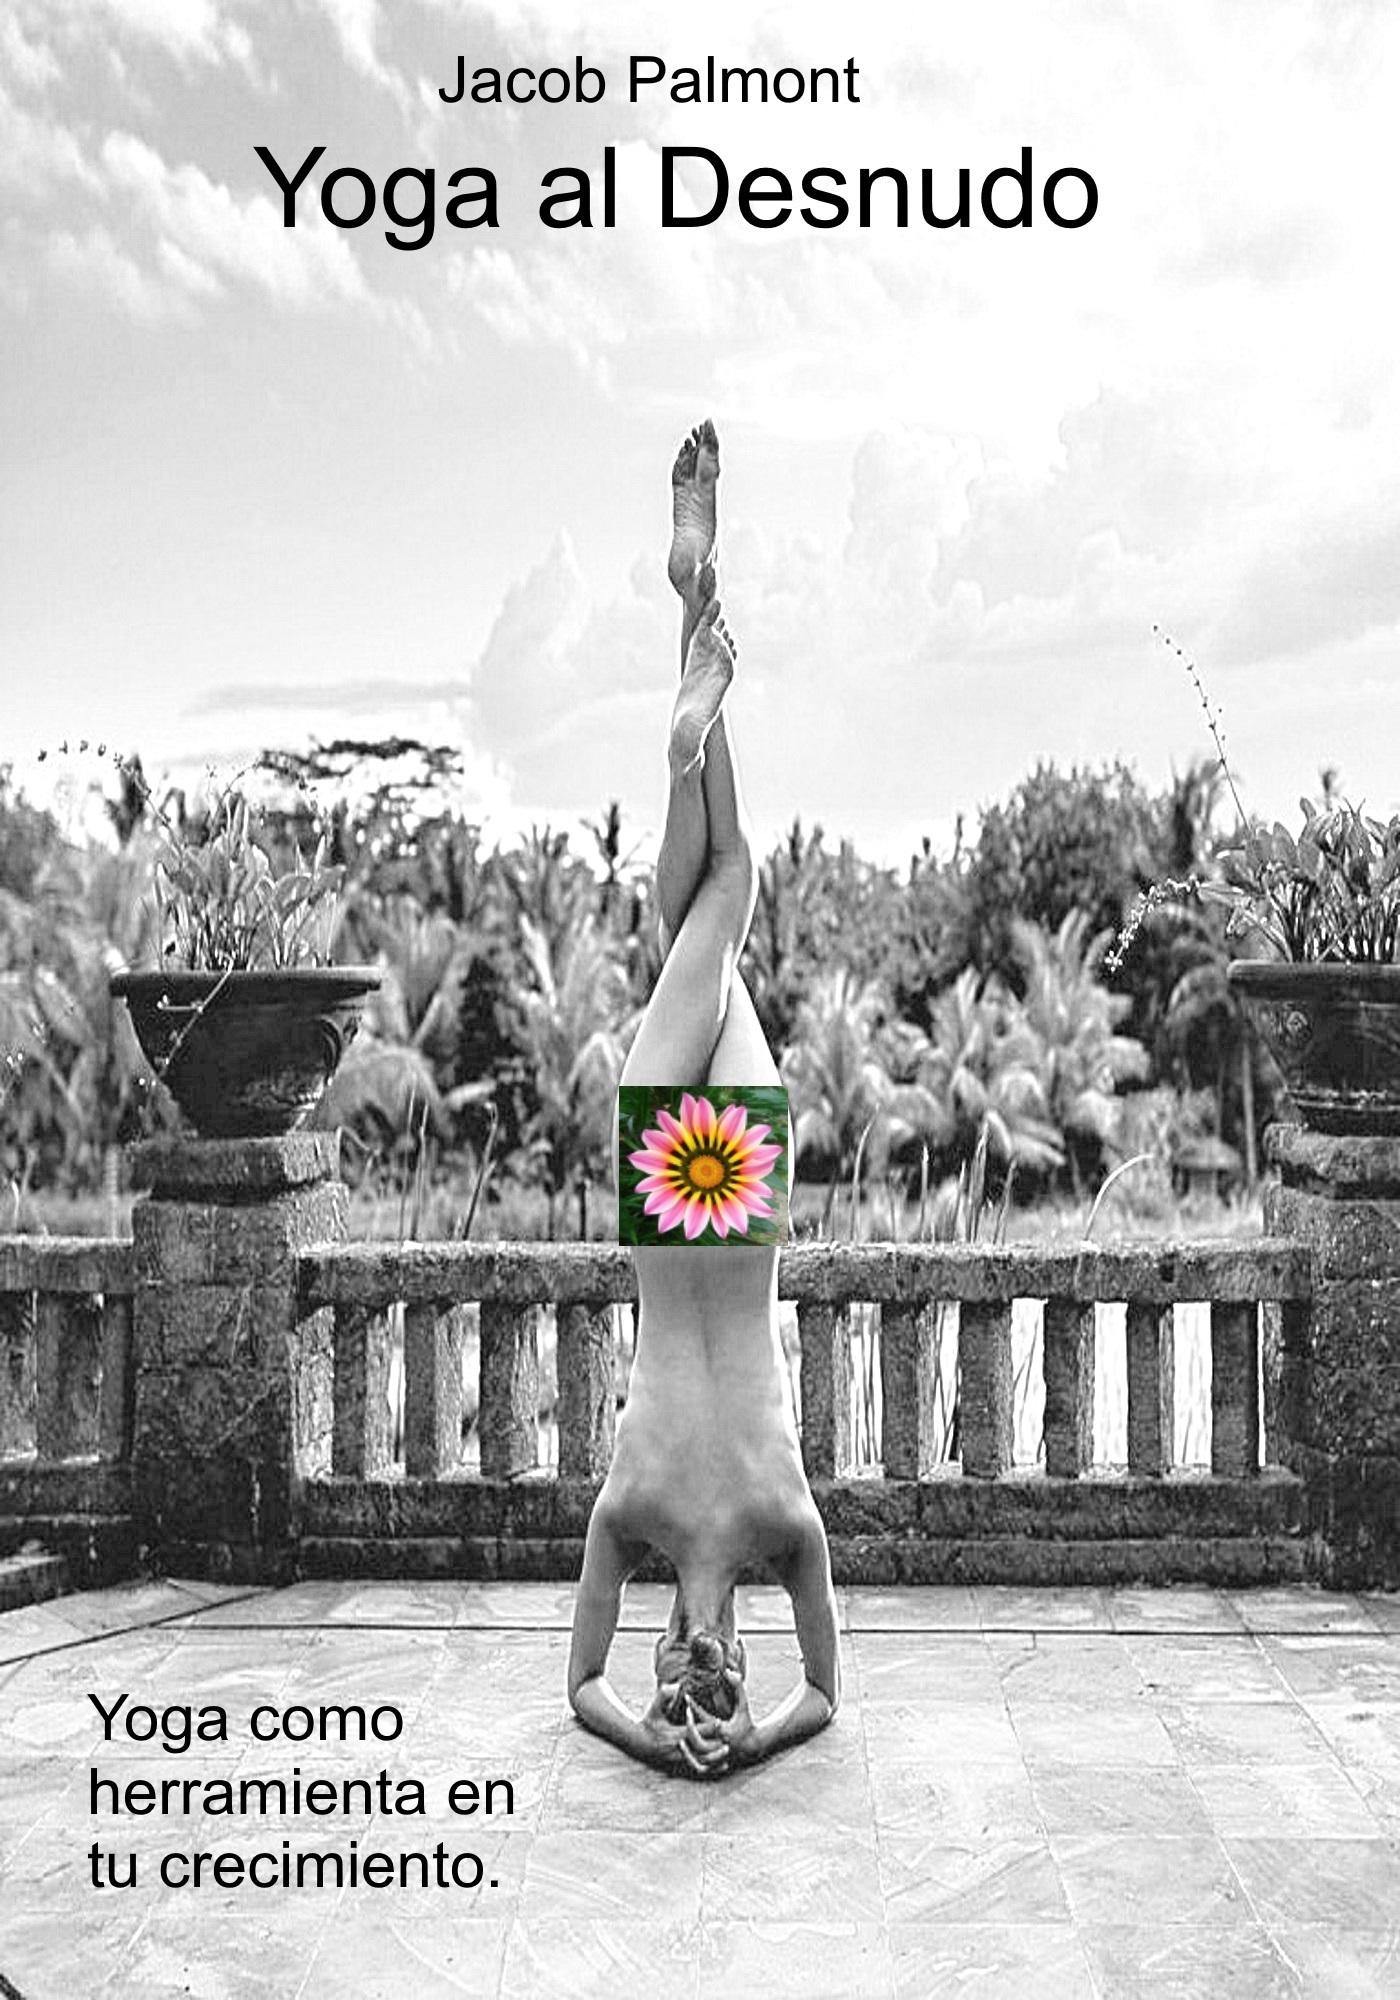 Yoga al desnudo Jacob Palmont, Sr